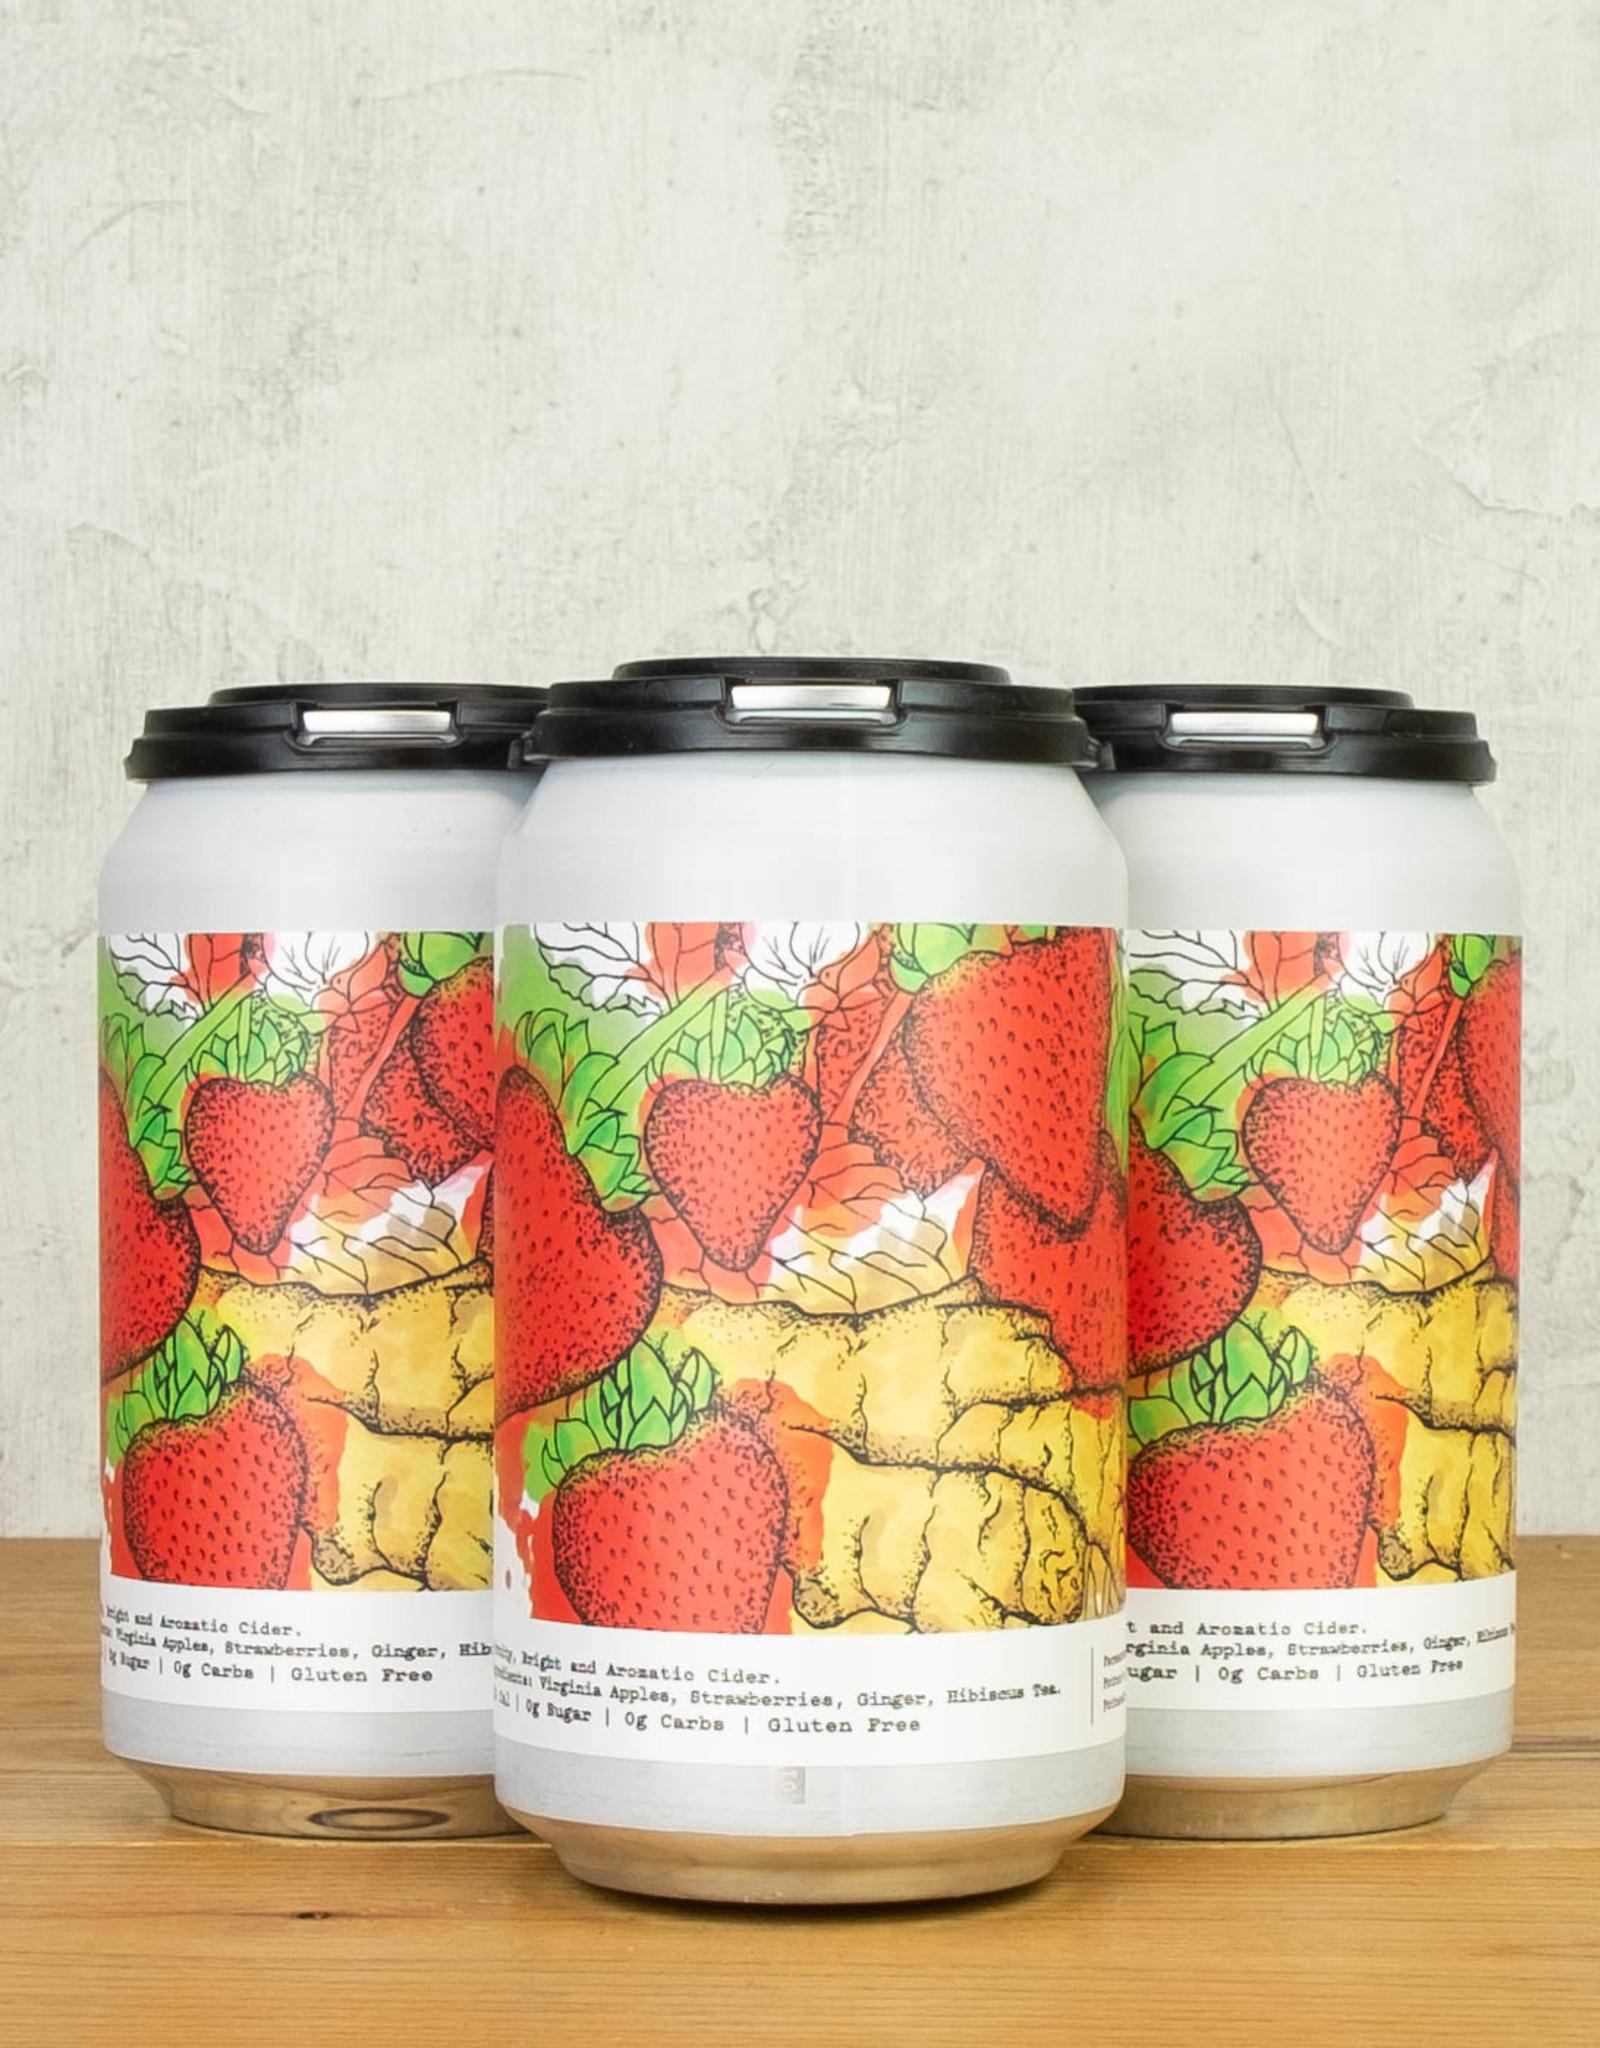 Potter's Strawberry Ginger Cider 4pk